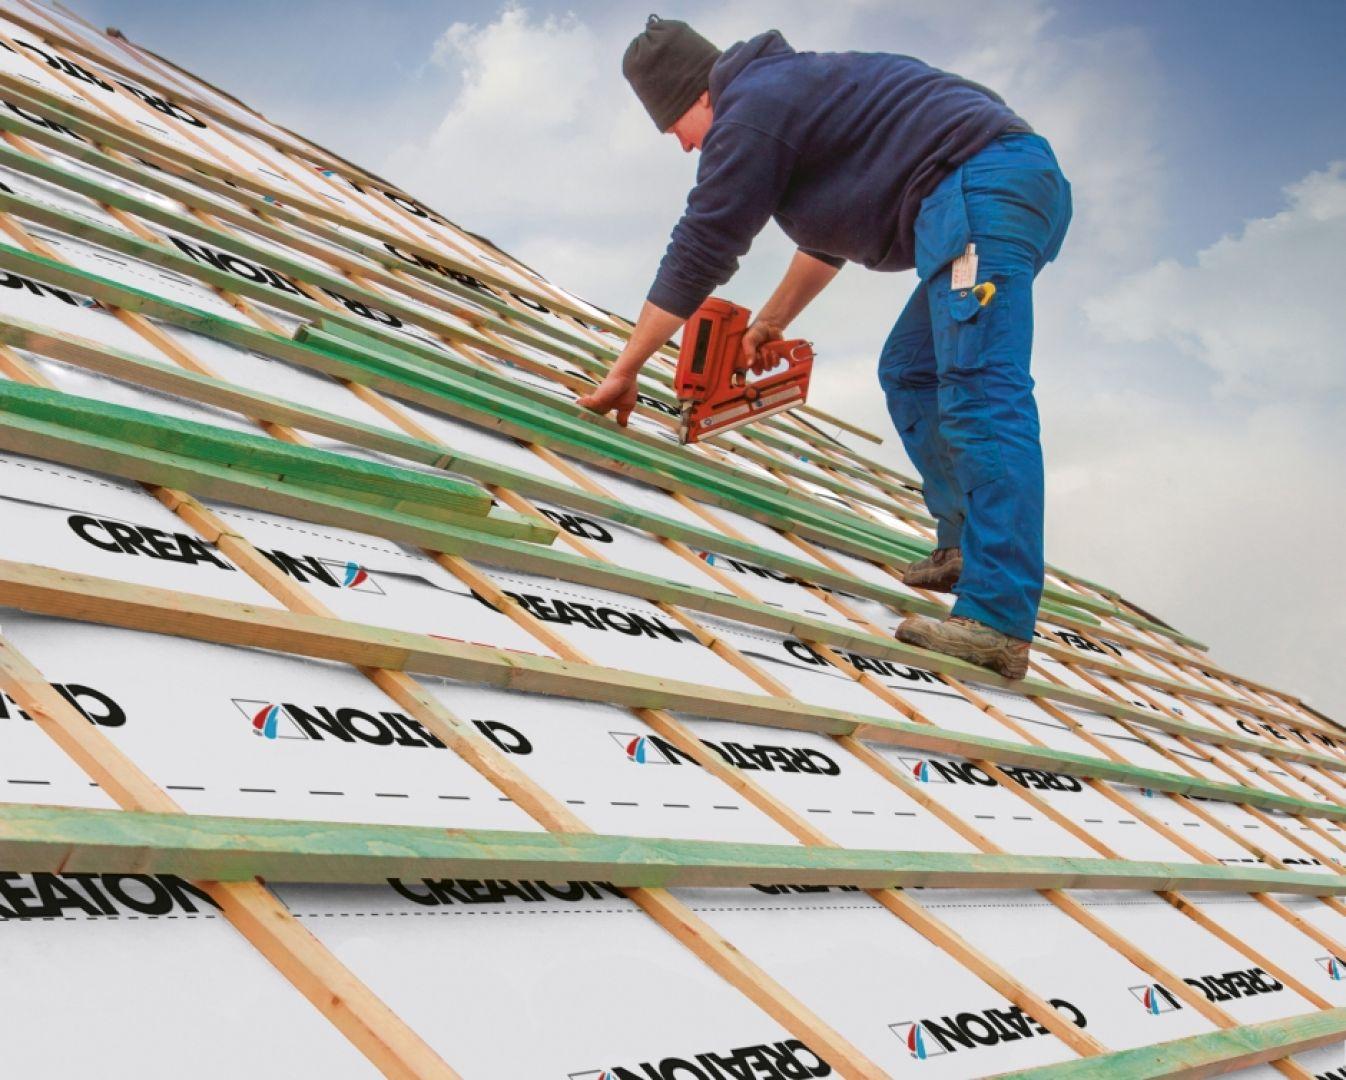 Dobra membrana ma za zadanie zabezpieczyć konstrukcję dachową przed negatywnym wpływem czynników zewnętrznych i wewnętrznych. Fot. Creaton